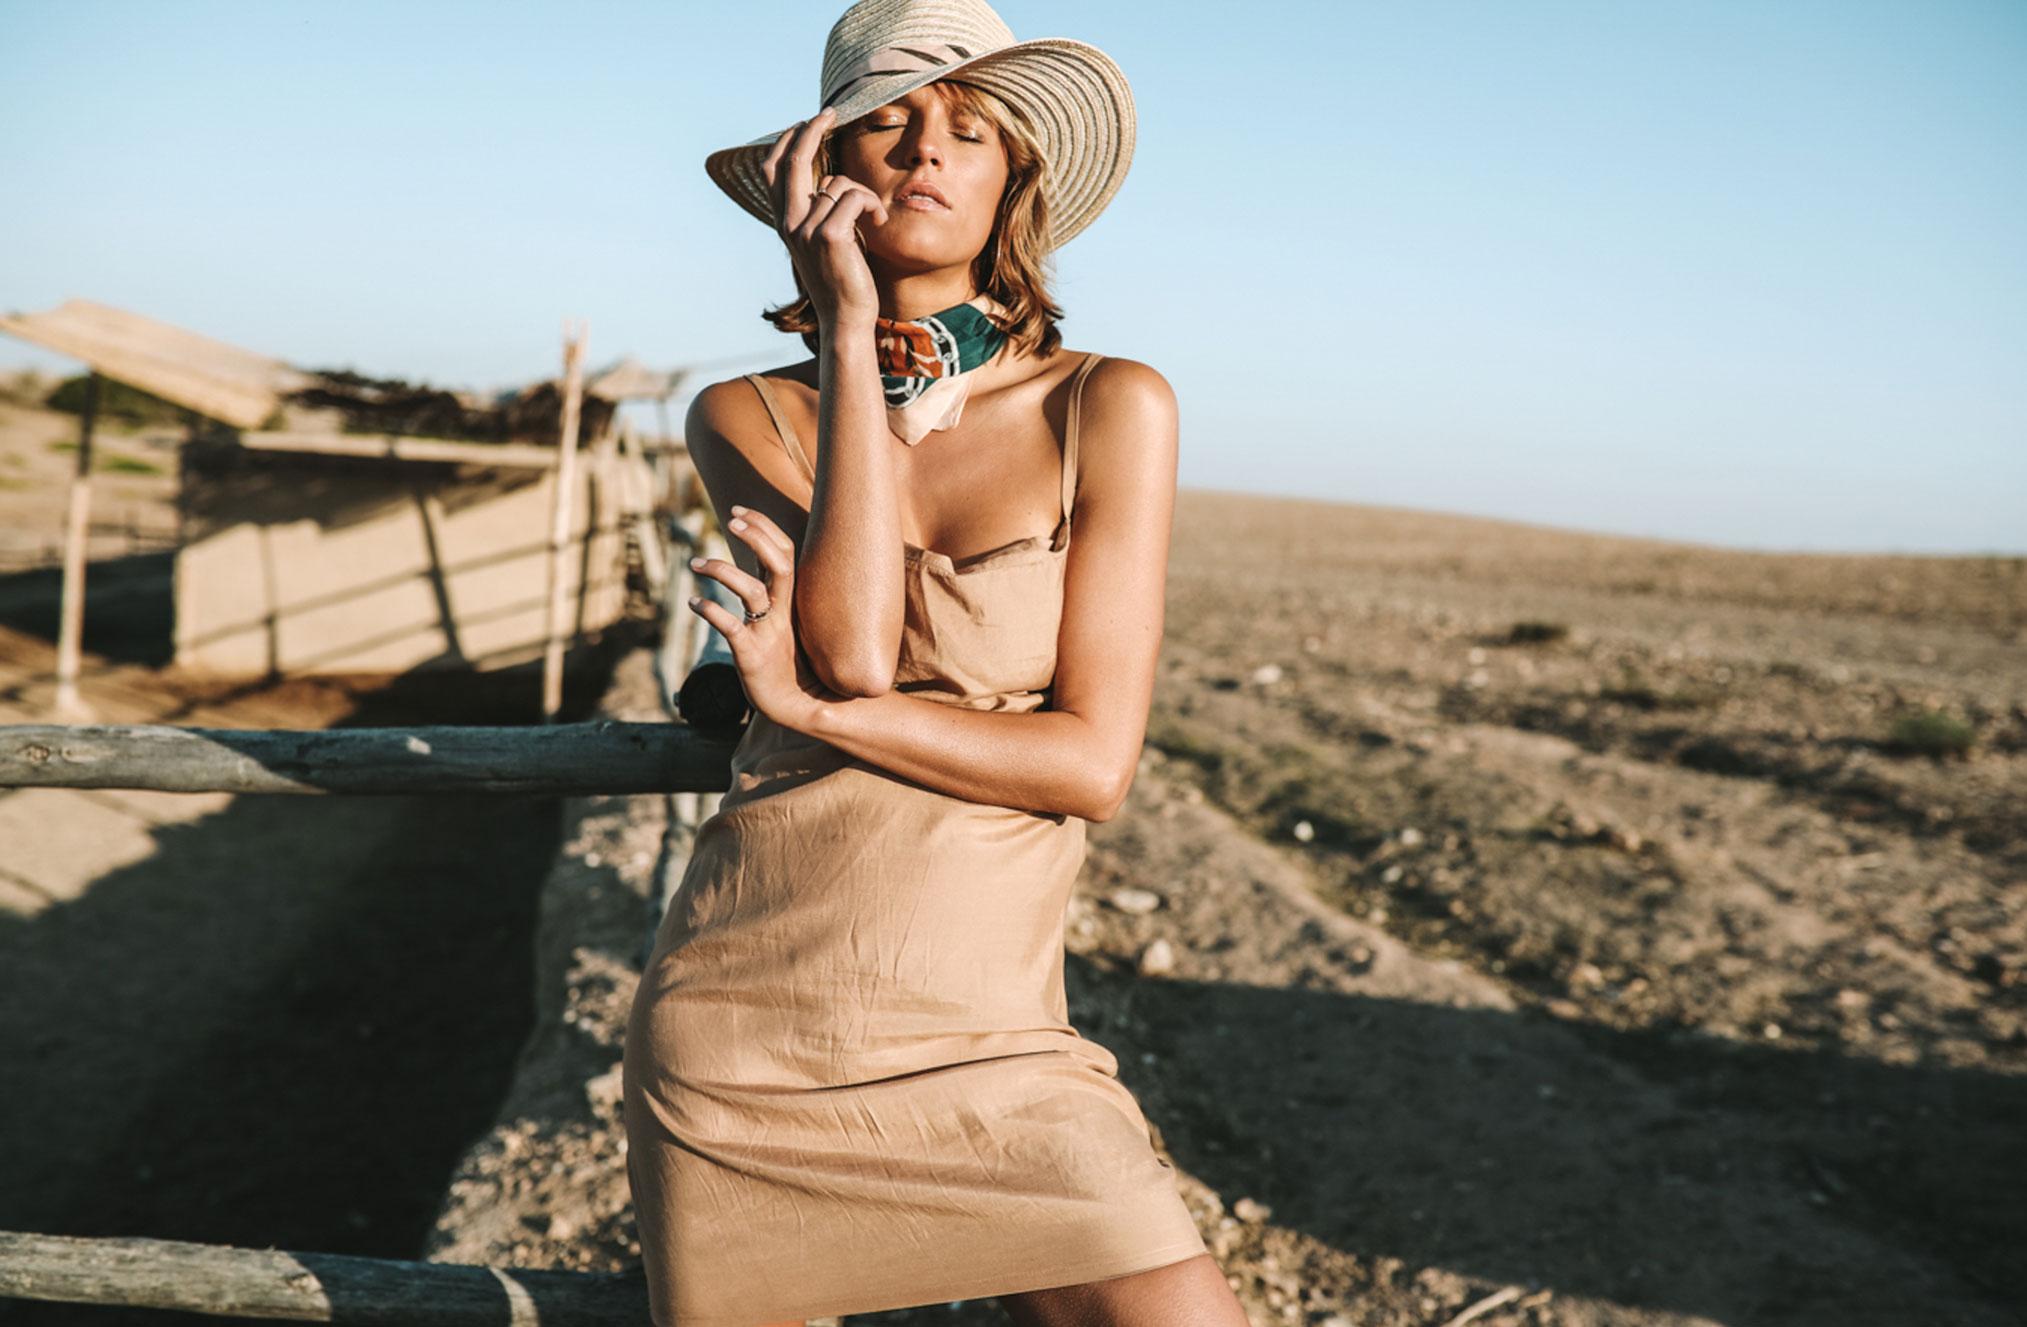 Поездка по Марокко в рекламе шляп, косынок и бандан Fringe and Frange / фото 02